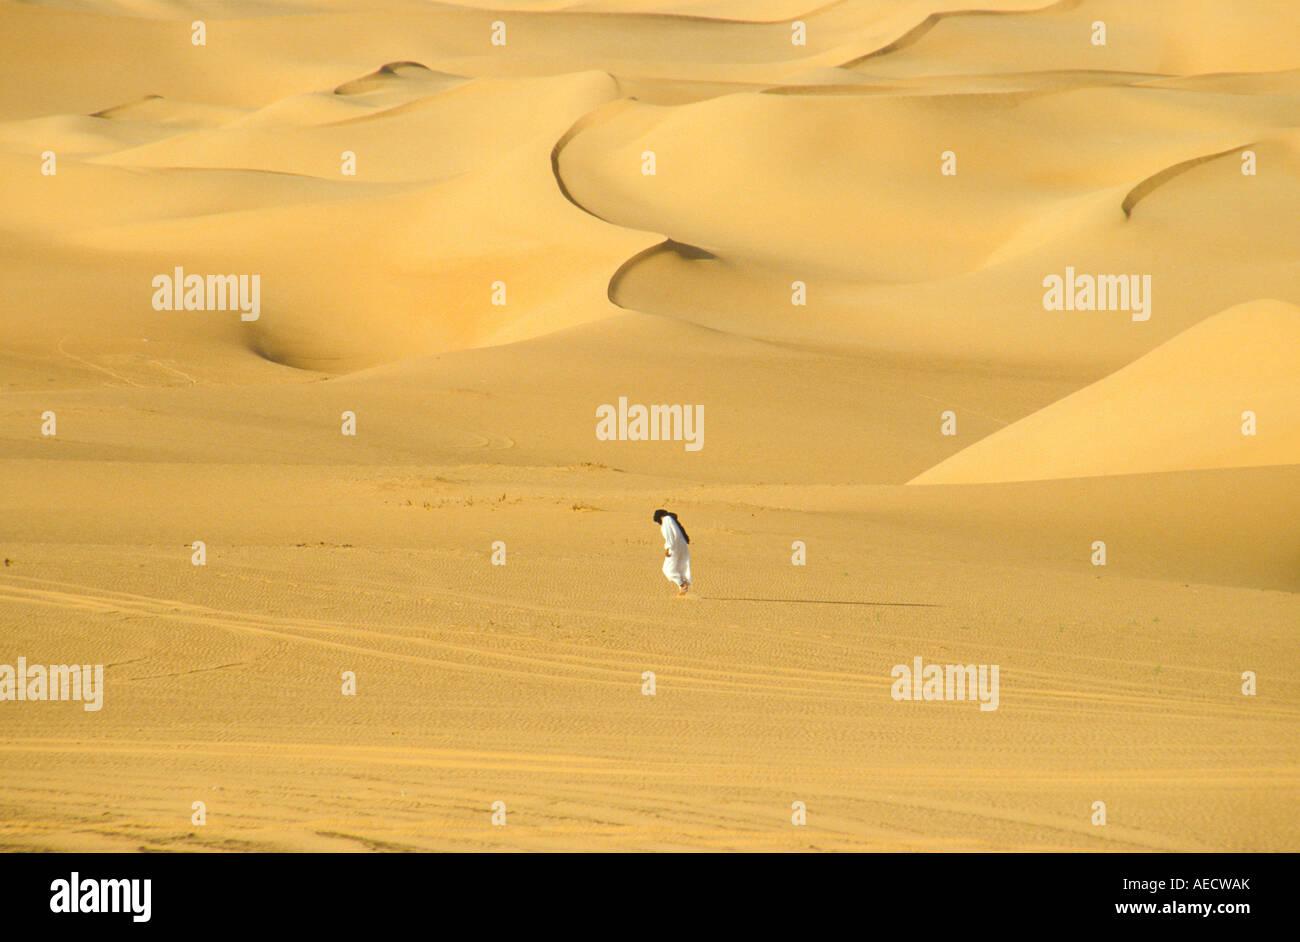 Tuareg in Erg Murzuk desert Sahara Lybia - Stock Image